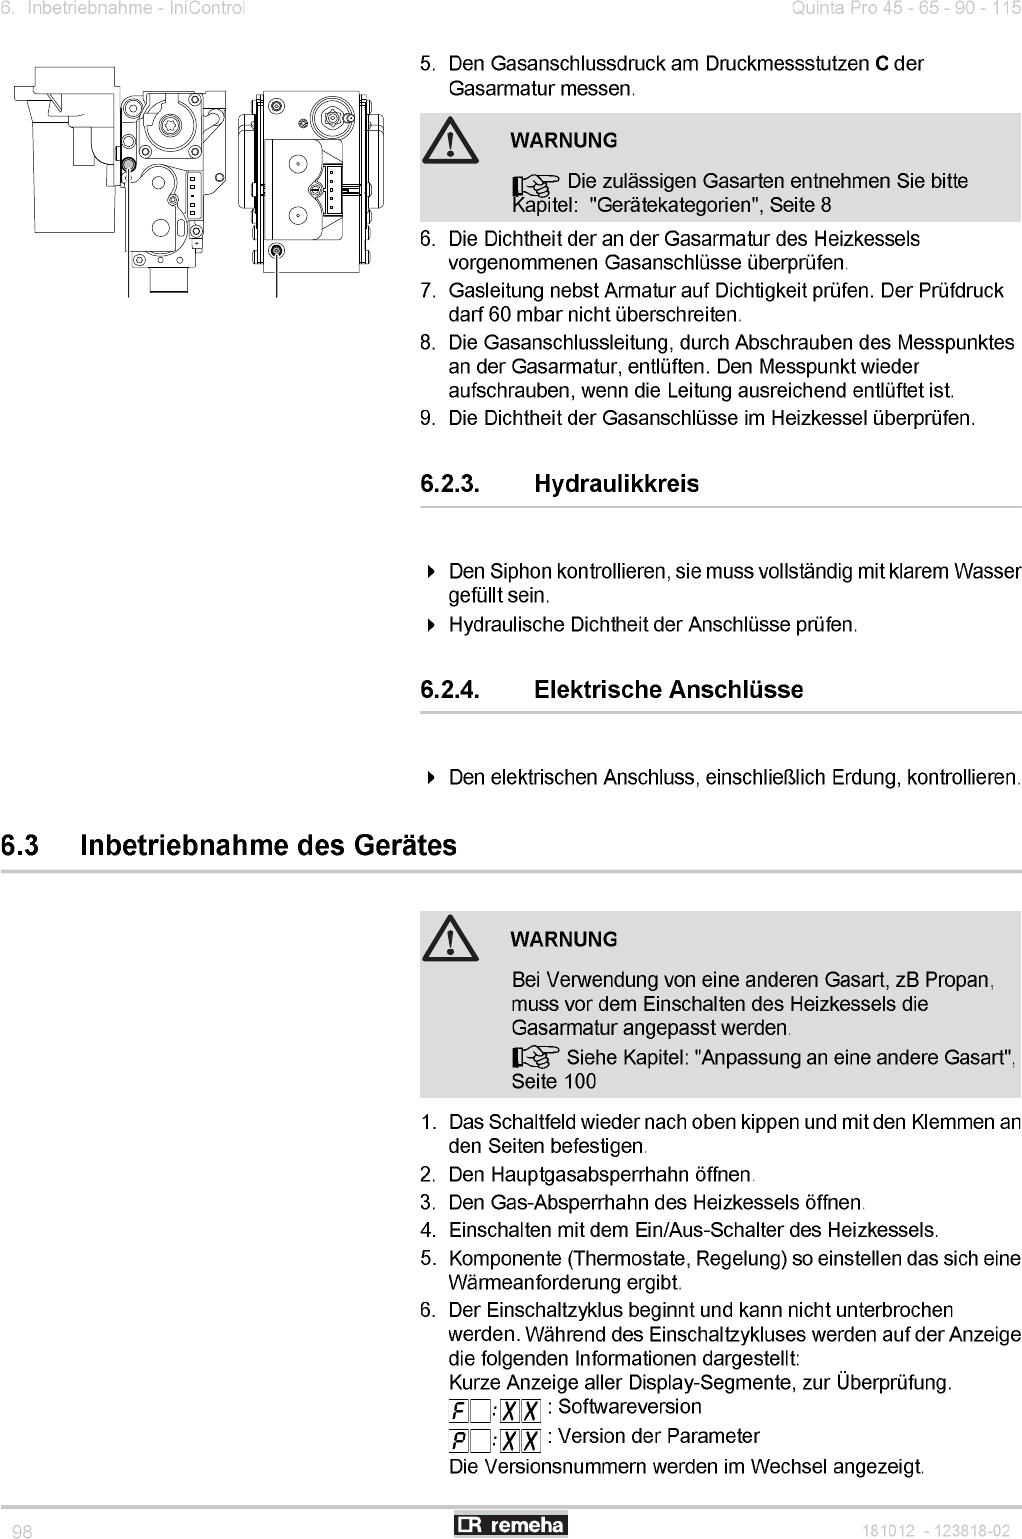 Erfreut Haushaltsschaltplan Bilder - Der Schaltplan - triangre.info